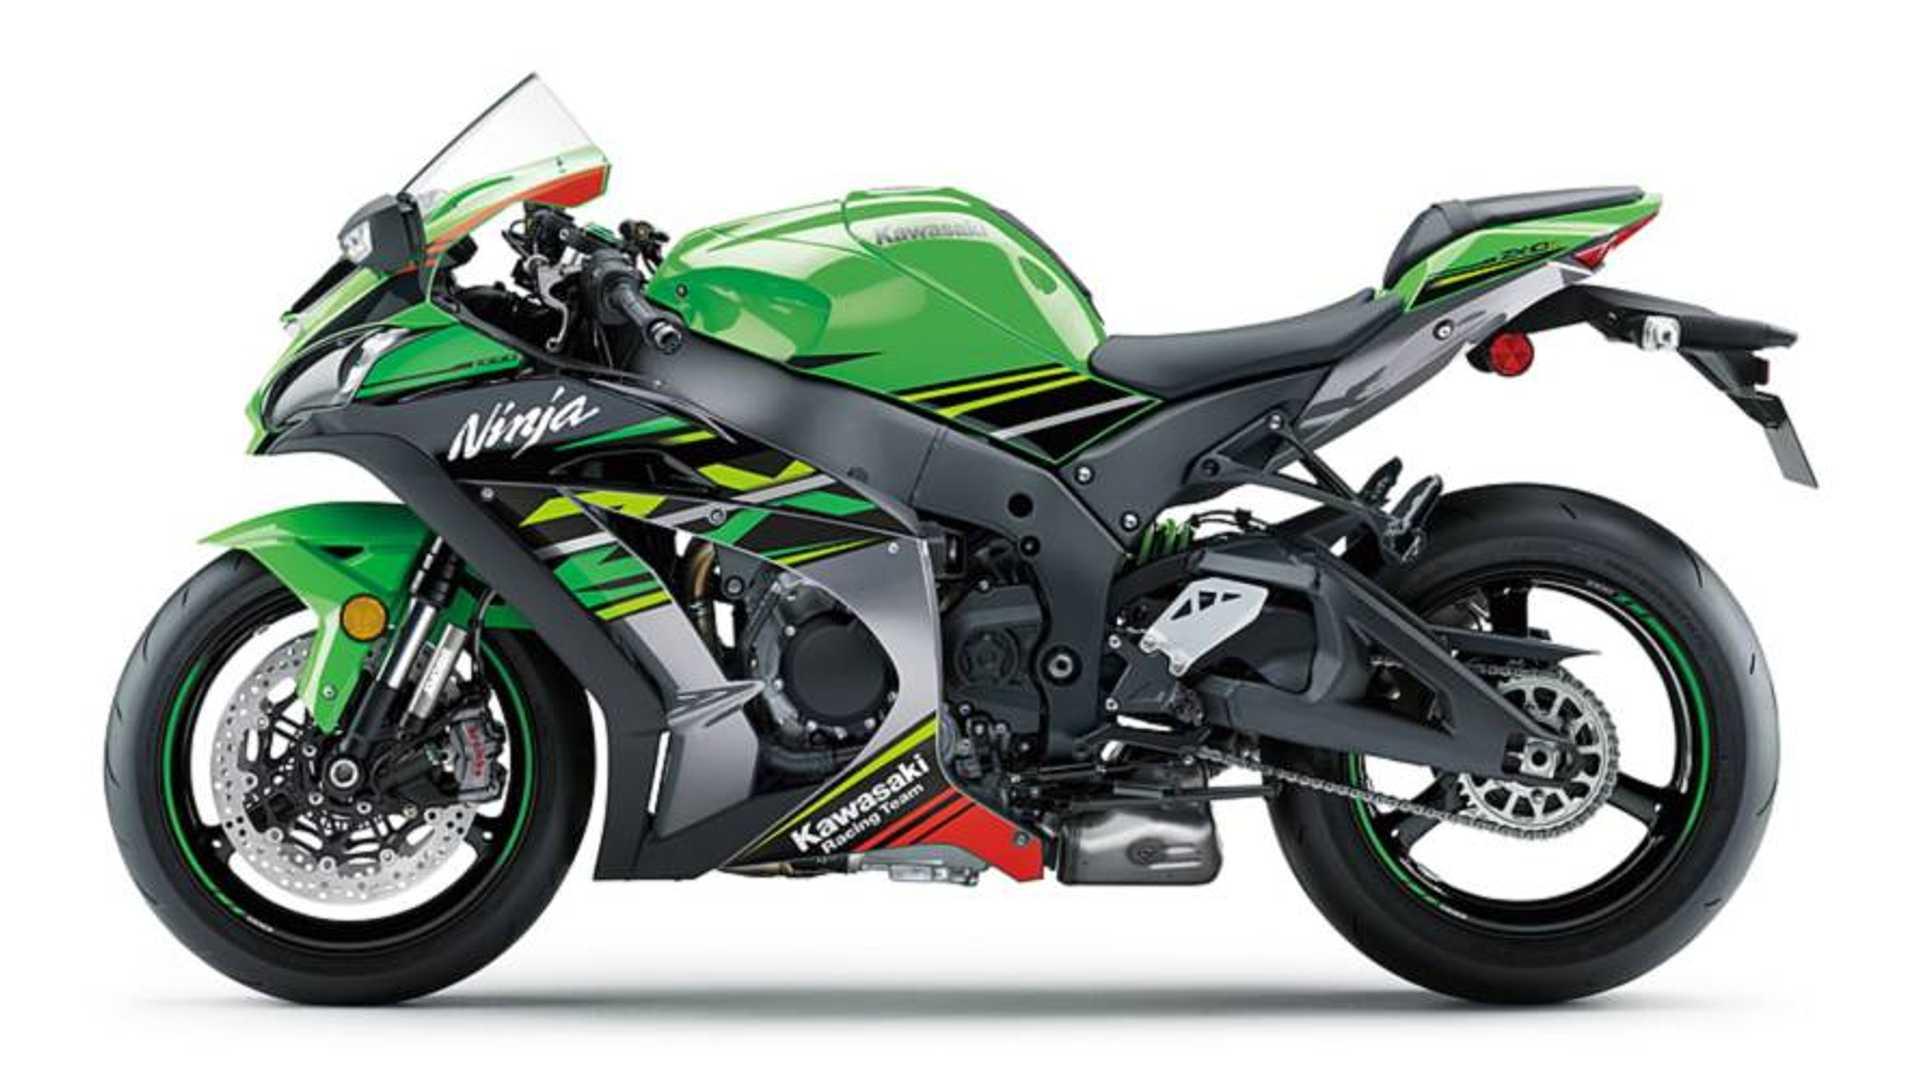 Kawasaki Ninja Zx 10r Se 2020 Estreia No Brasil Por R 95 990